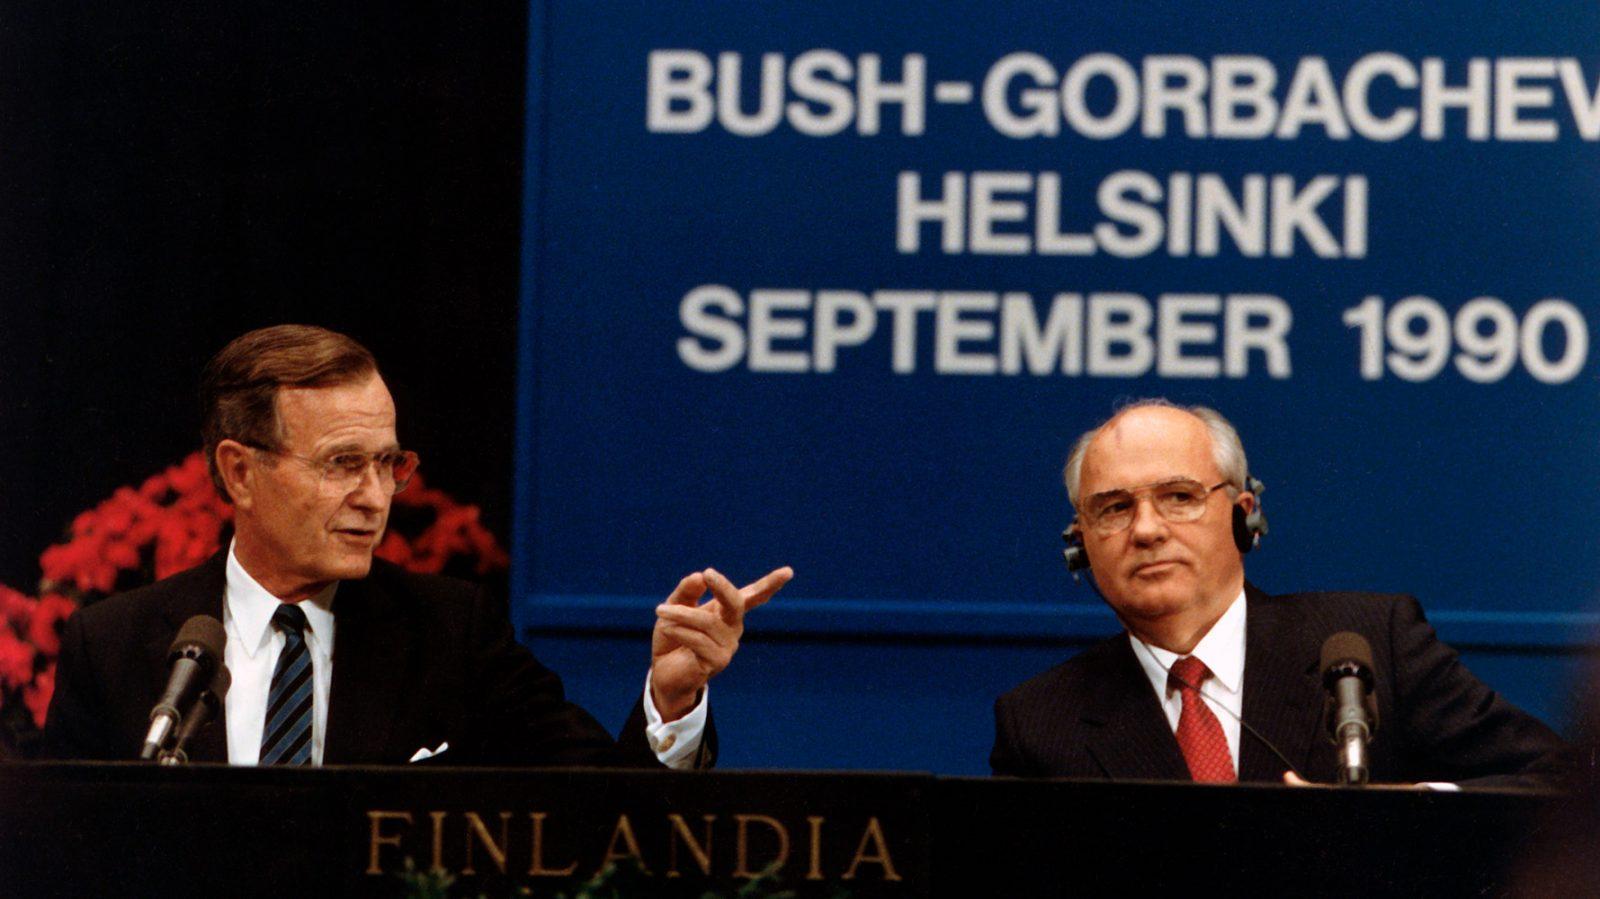 Conferenza stampa di George H. W. Bush e Mikhail Gorbaciov al Vertice di Helsinki, in Finlandia, il 9 settembre 1990